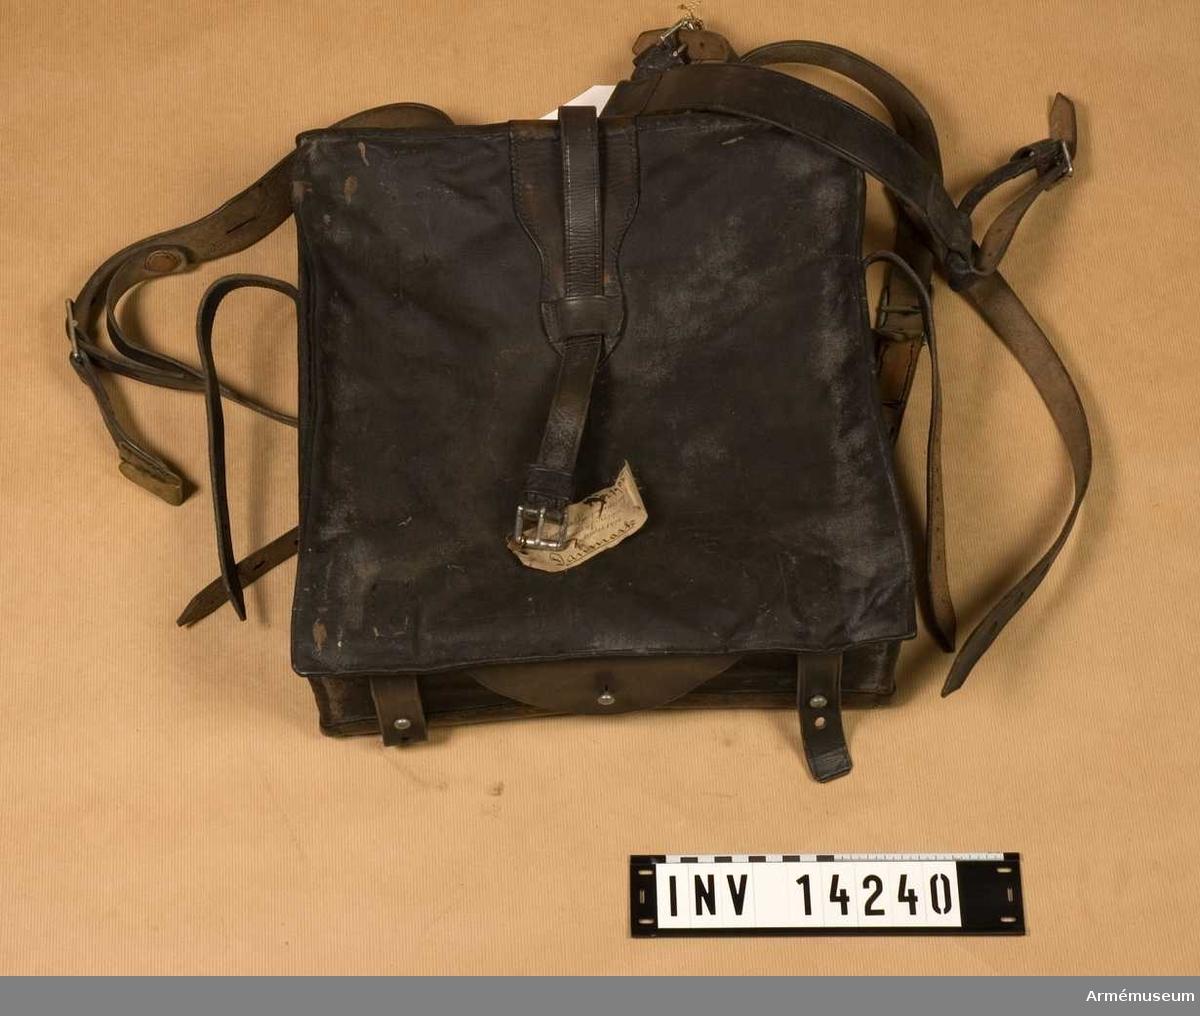 """Grupp C II. Ränsel. Danmark 1914. Ränseln (brödväskan) tillverkad av svart linne (31 cm lång och 26 cm bred) med lock som stänges med två svarta knappar fastsydda vid väskan. Väskan har två stämplar """"1913"""" och """"PRM"""" - prövemaessigt (modellenligt). Väskan har en innerpåse av grov linnelärft med fickor och samma stämplar. Axelgehäng av svart läder, 2,5 cm brett, med spänne av vitmetall. """"PRM"""" och """"1914"""".   Samhörande remmar 1932:7905 d v s 1975:14241."""